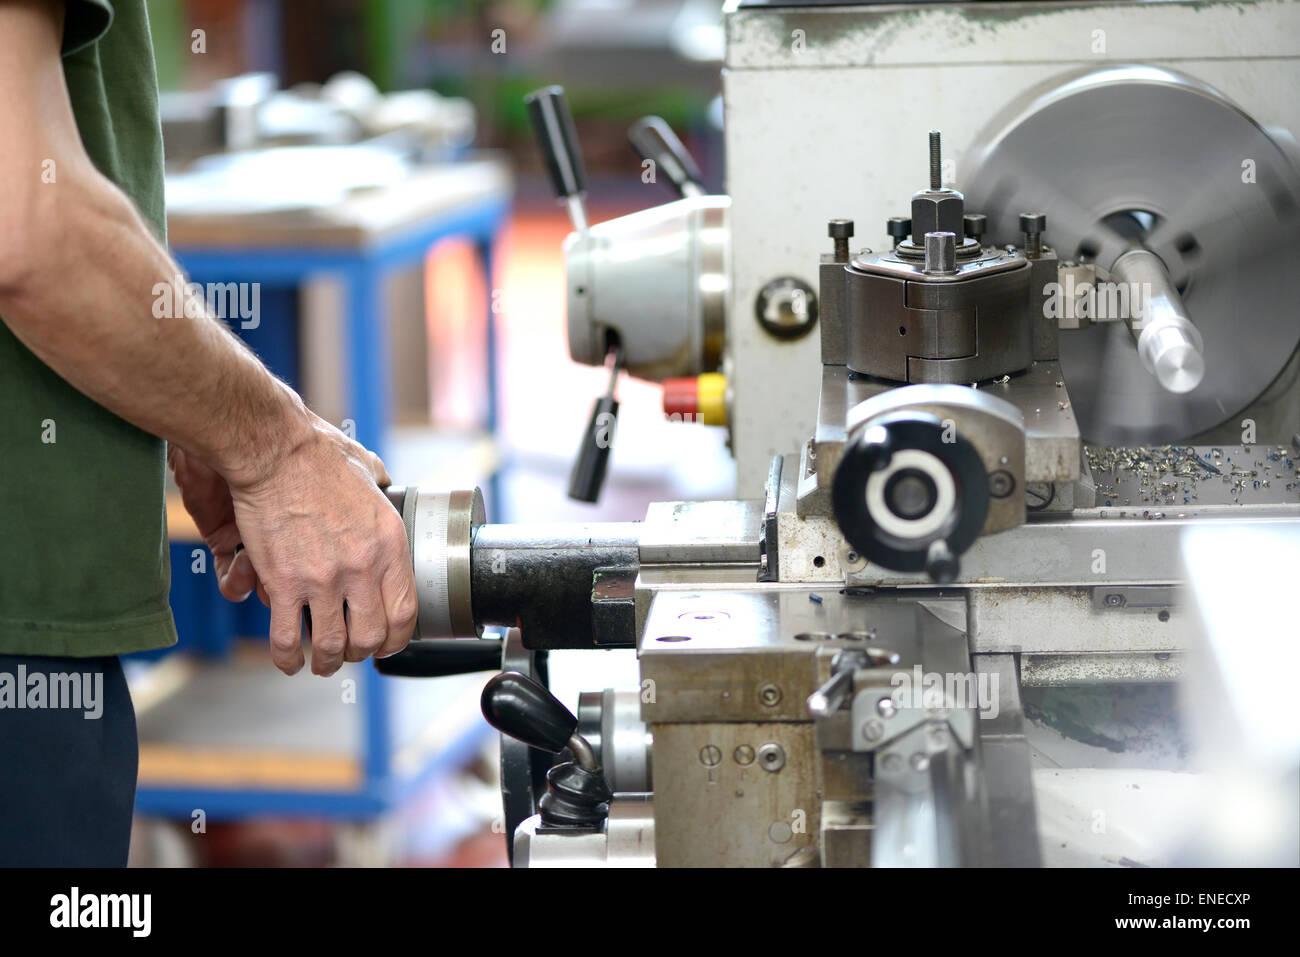 Blu maschio-collare lavoratore che fa il lavoro manuale con un tornio, industriale macchina utensile utilizzata Immagini Stock